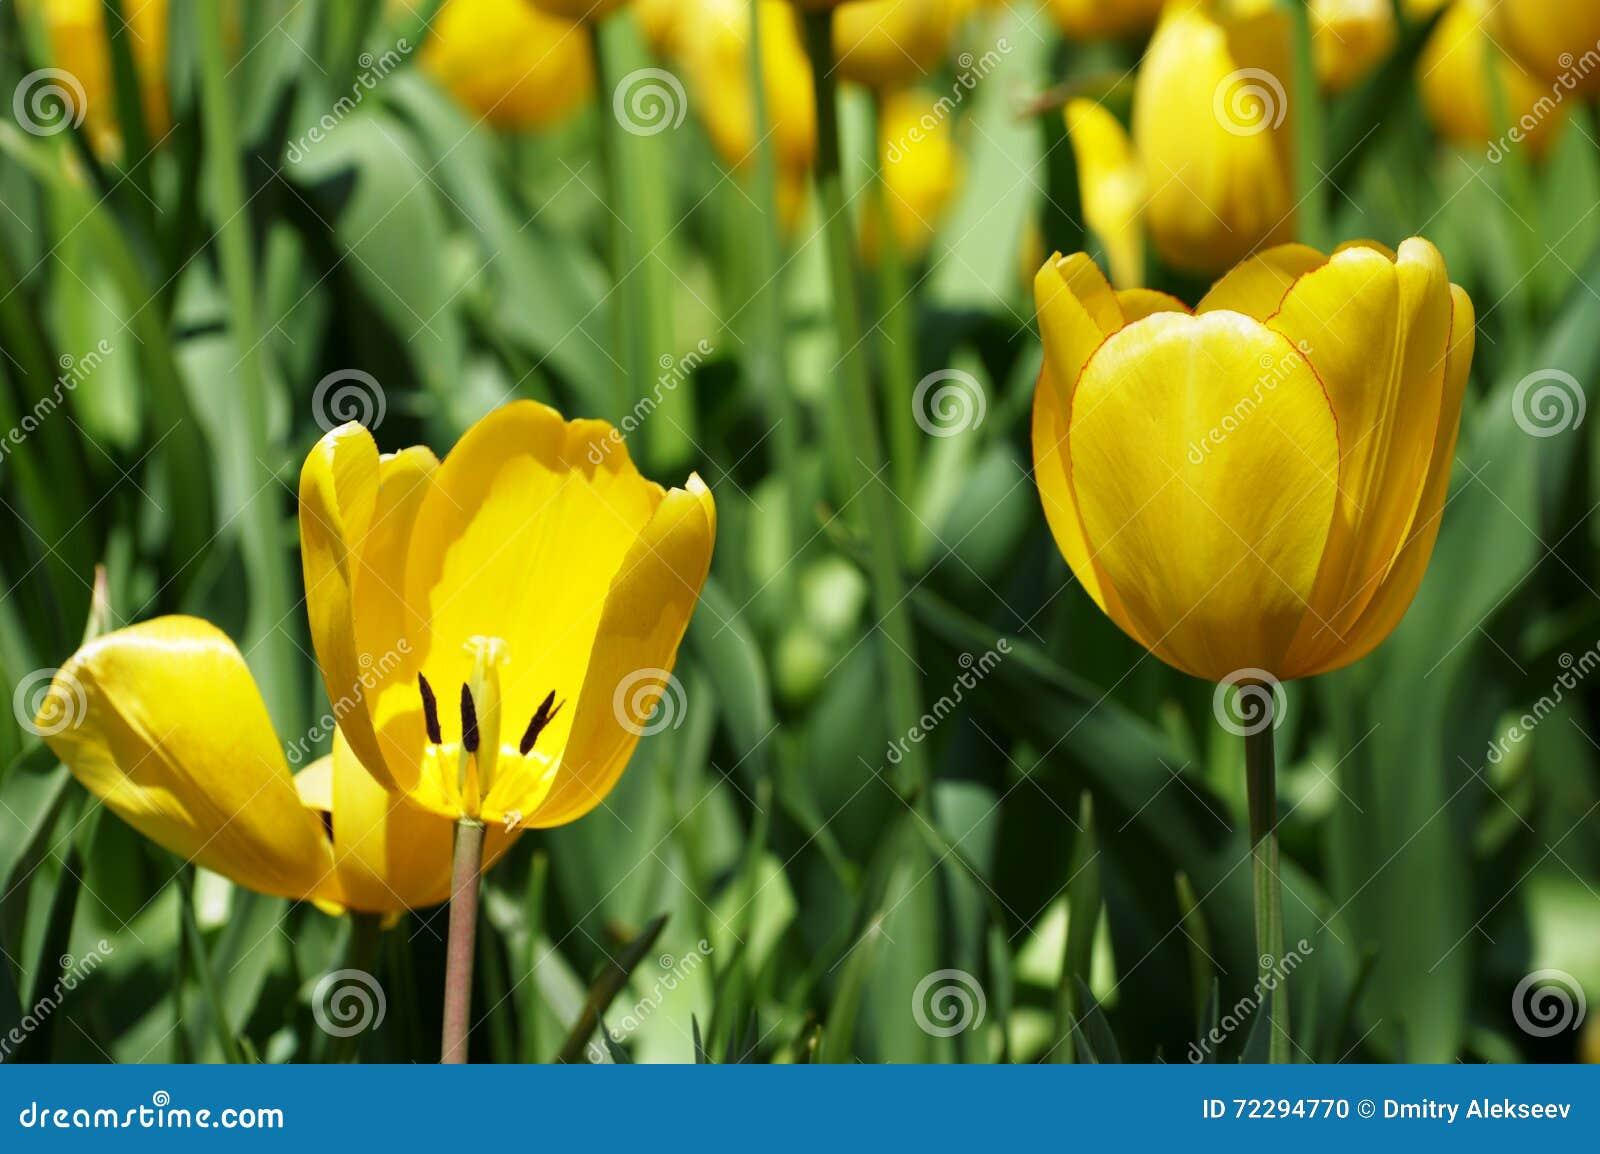 Download Зацветая желтые тюльпаны стоковое фото. изображение насчитывающей цветок - 72294770